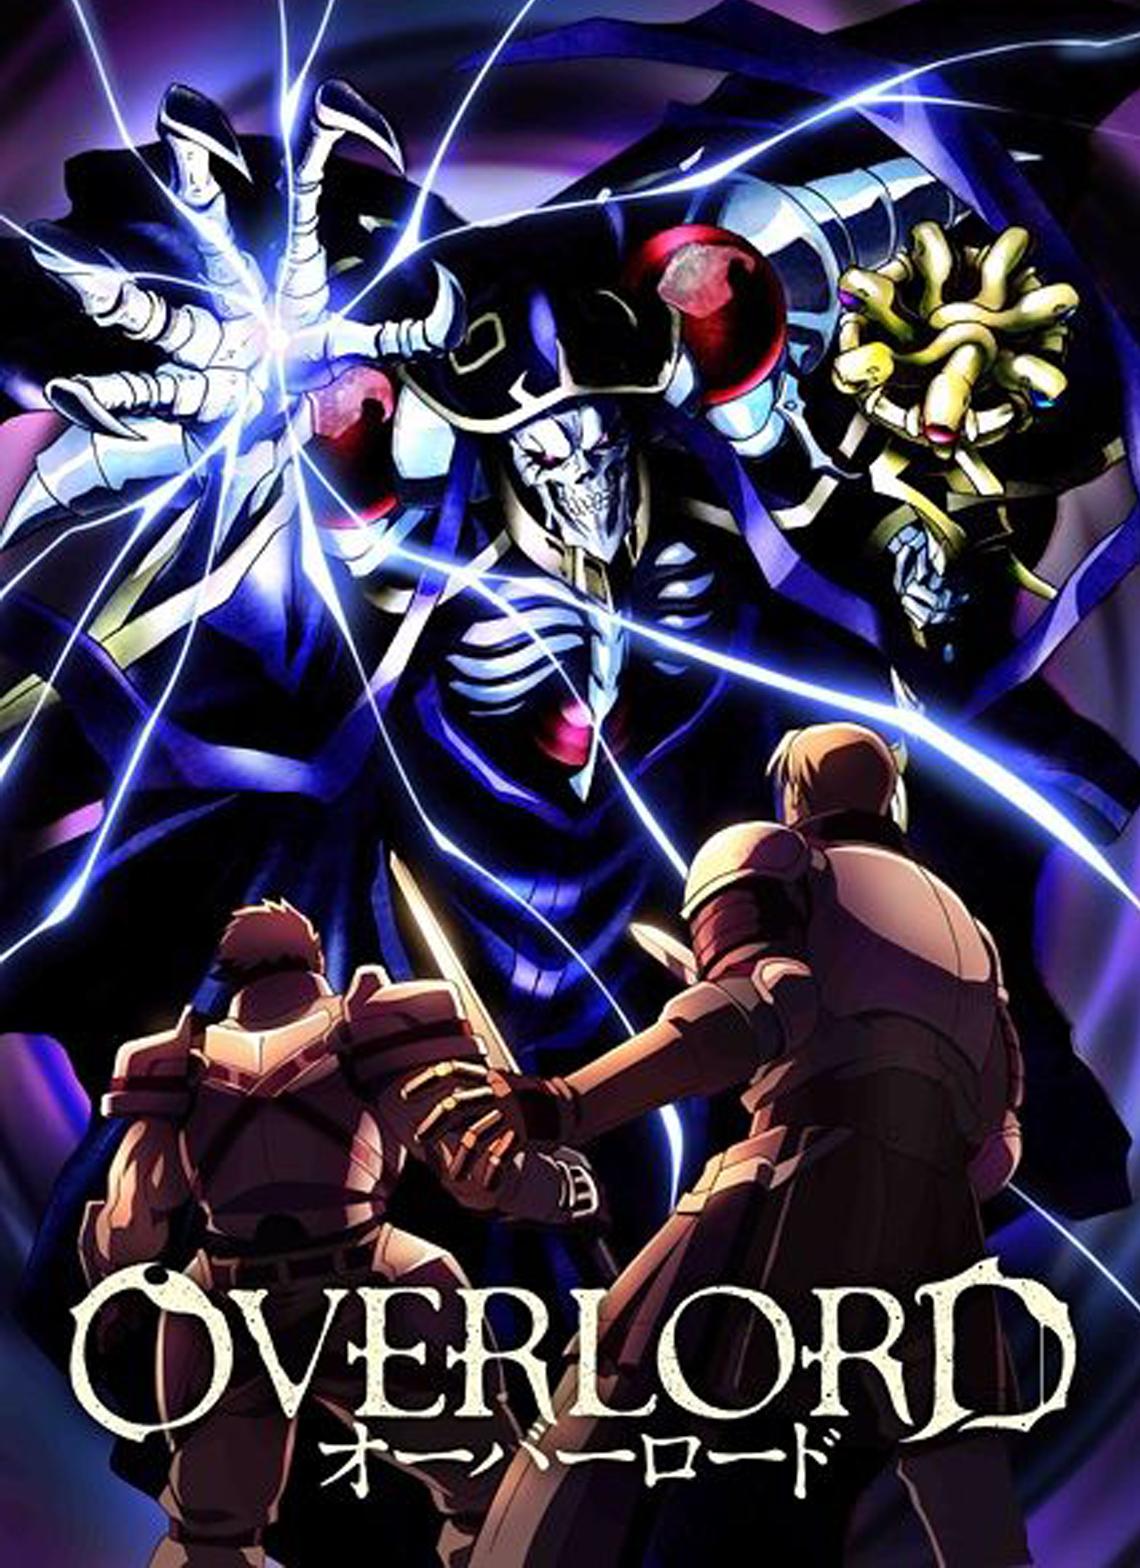 Imagem de Overlord por Enilton Souza em Meus Animes